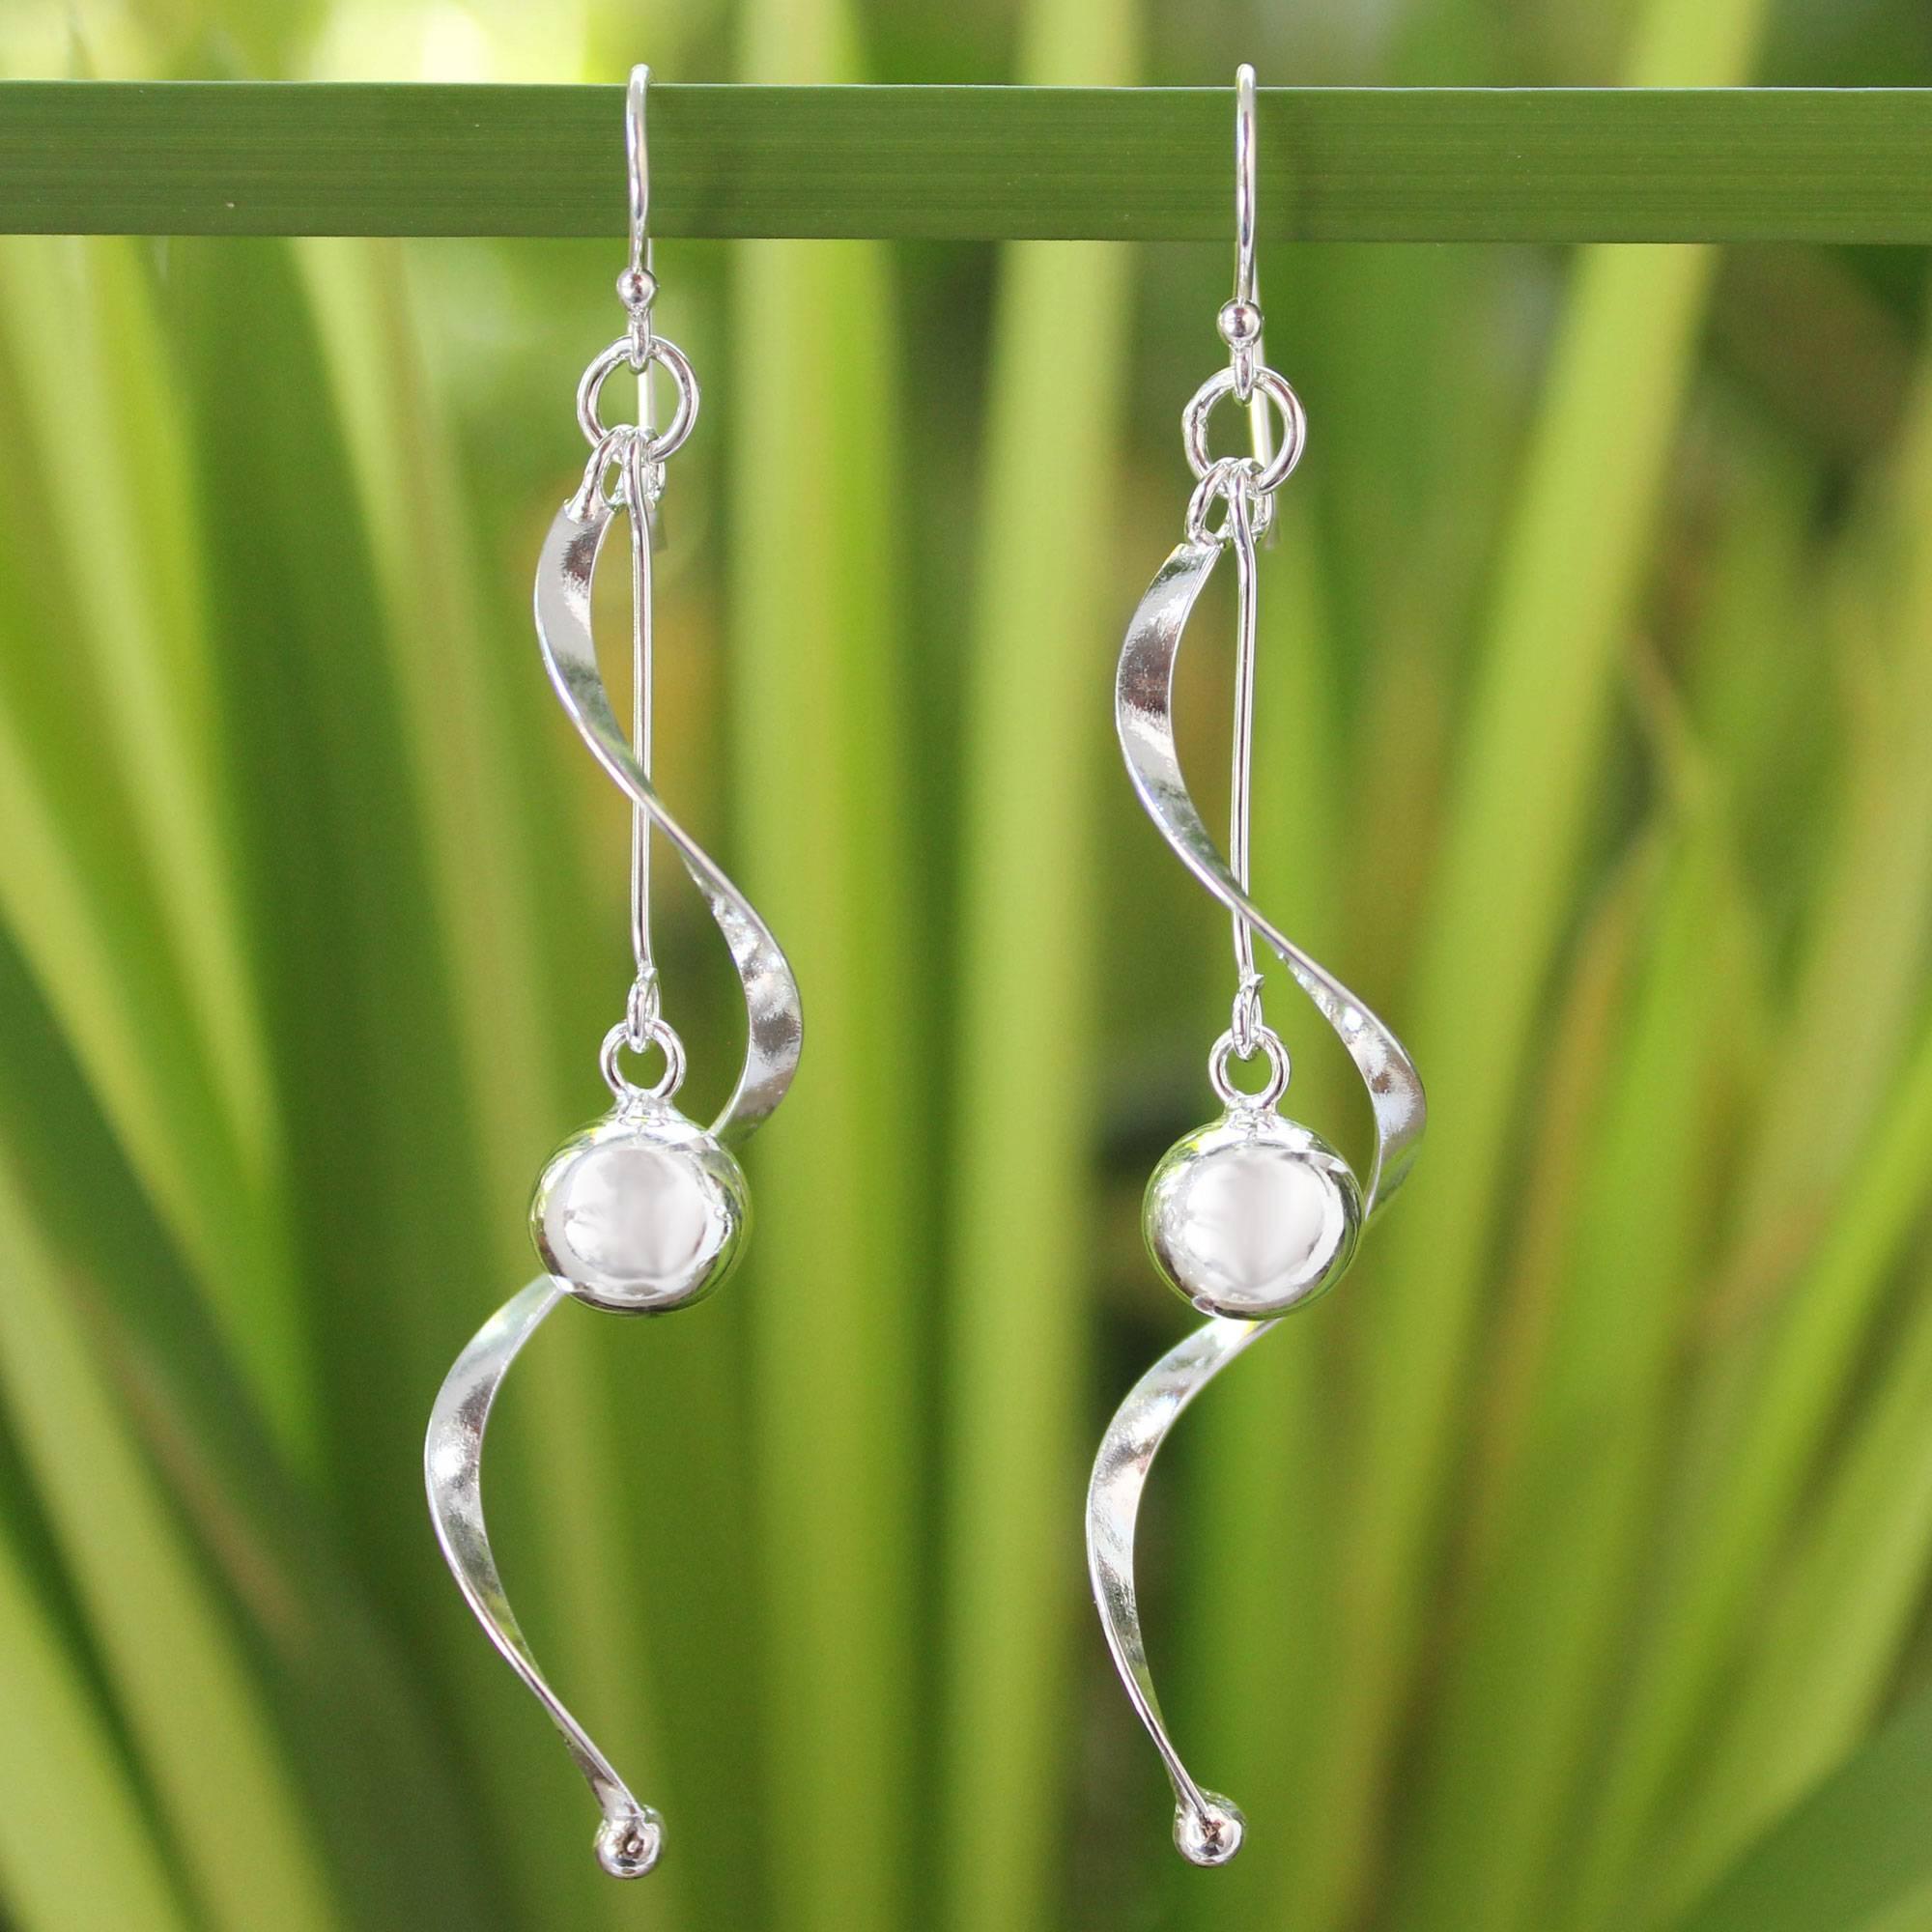 Movement Modern Sterling Silver Dangle Earrings Breathtaking Sterling Silver Jewelry